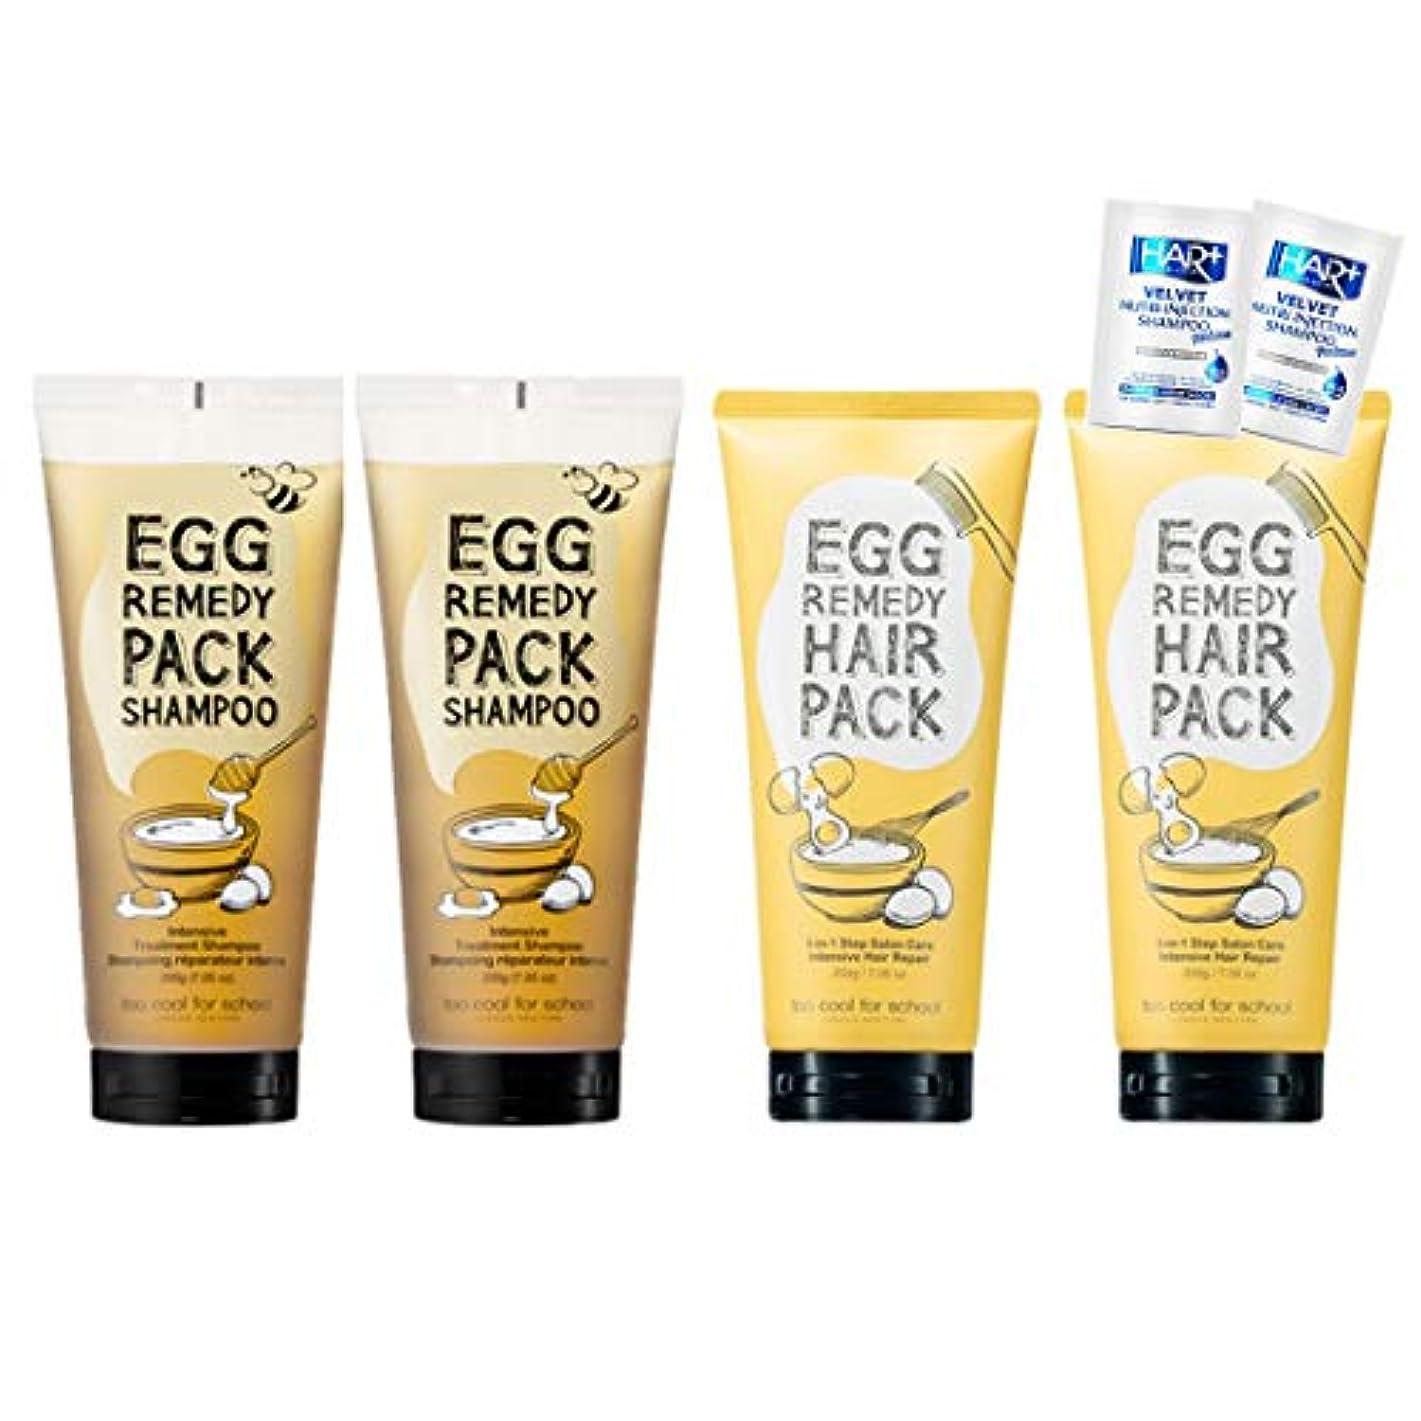 引き出し貯水池羊飼いトゥークールフォ―スクール(too cool for school)/エッグレミディパックシャンプーtoo cool for school Egg Remedy Pack Shampoo 200ml X 2EA + エッグレミディヘアパック...